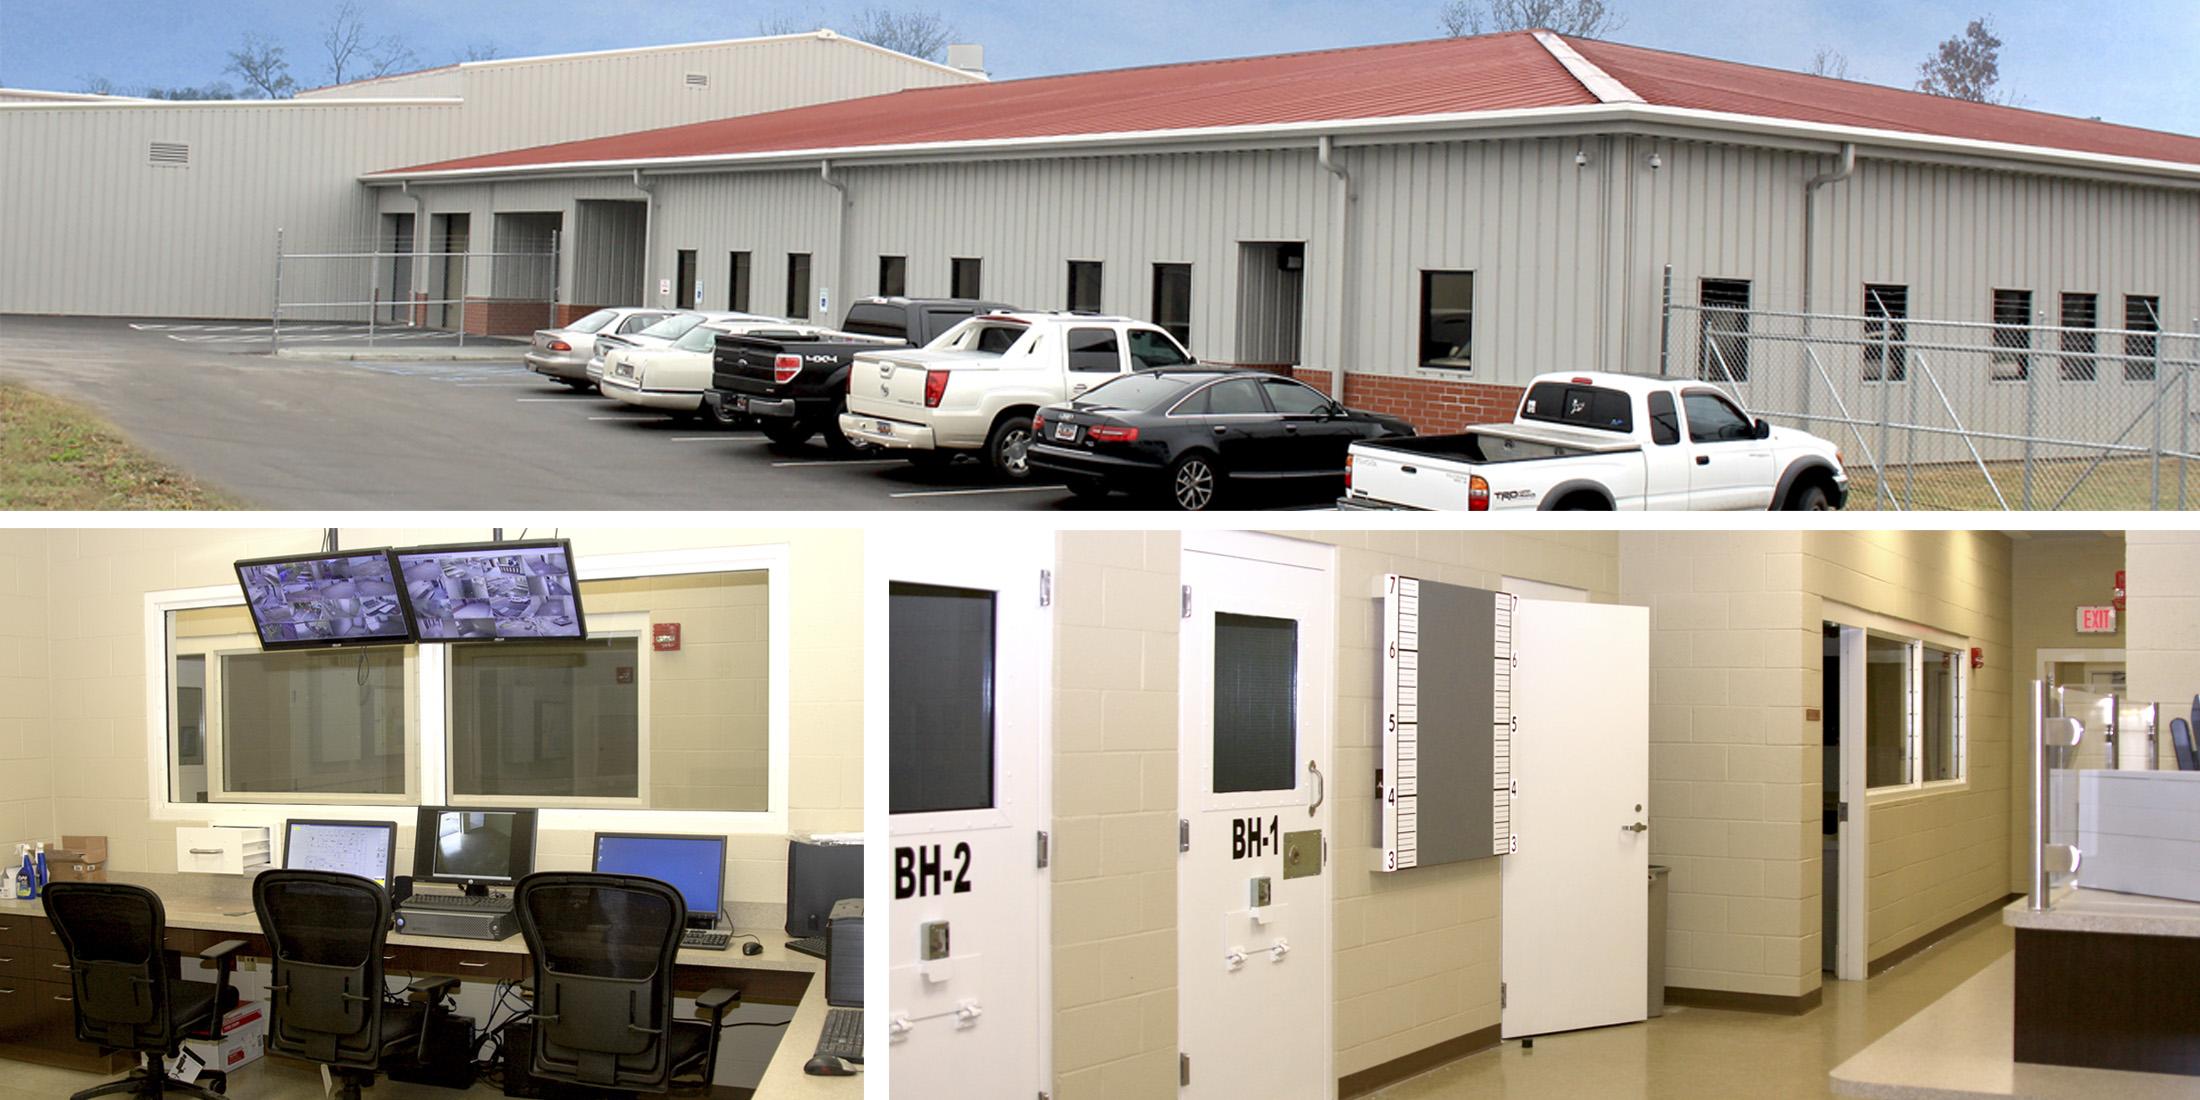 01 Williamsburg Cty Detention Center photos